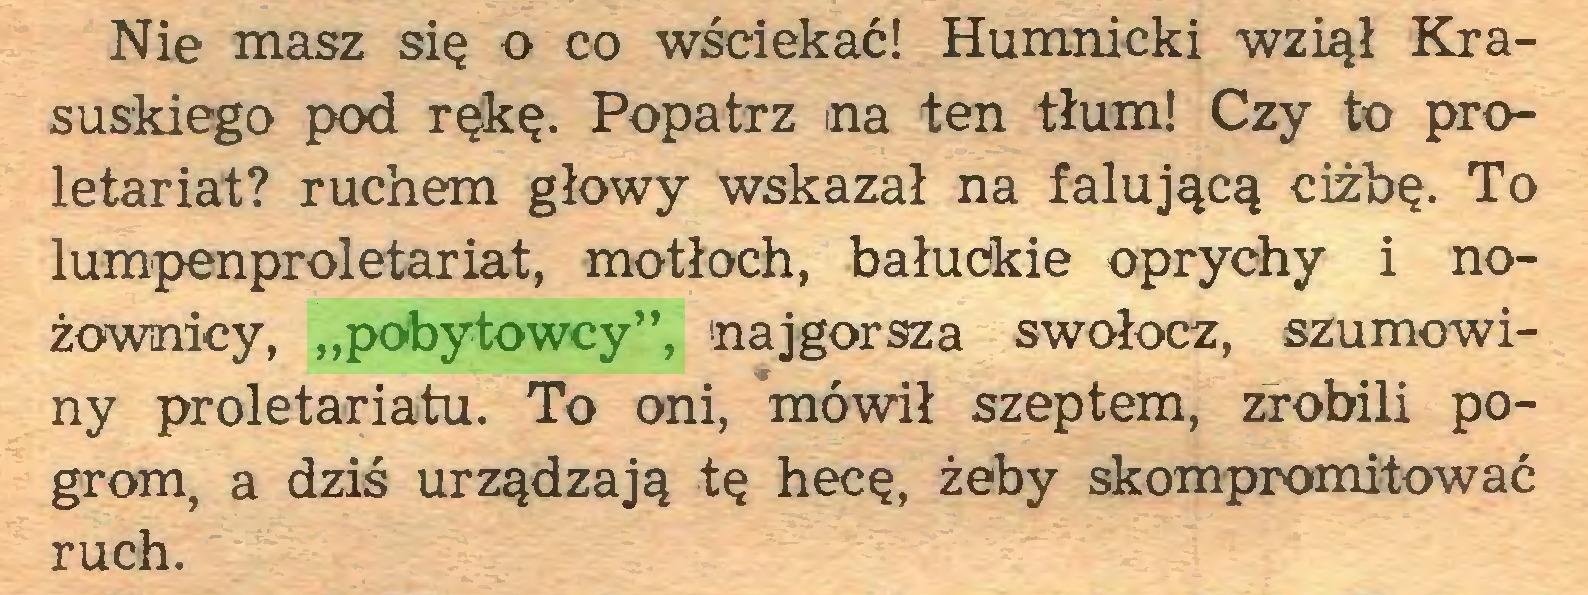 """(...) Nie masz się o co wściekać! Humnicki wziął Krasuskiego pod rękę. Popatrz na ten tłum! Czy to proletariat? ruchem głowy wskazał na falującą ciżbę. To lumpenproletariat, motłoch, bałuckie oprychy i nożownicy, """"pobytowcy"""", najgorsza swołocz, szumowiny proletariatu. To oni, mówił szeptem, zrobili pogrom, a dziś urządzają tę hecę, żeby skompromitować ruch..."""